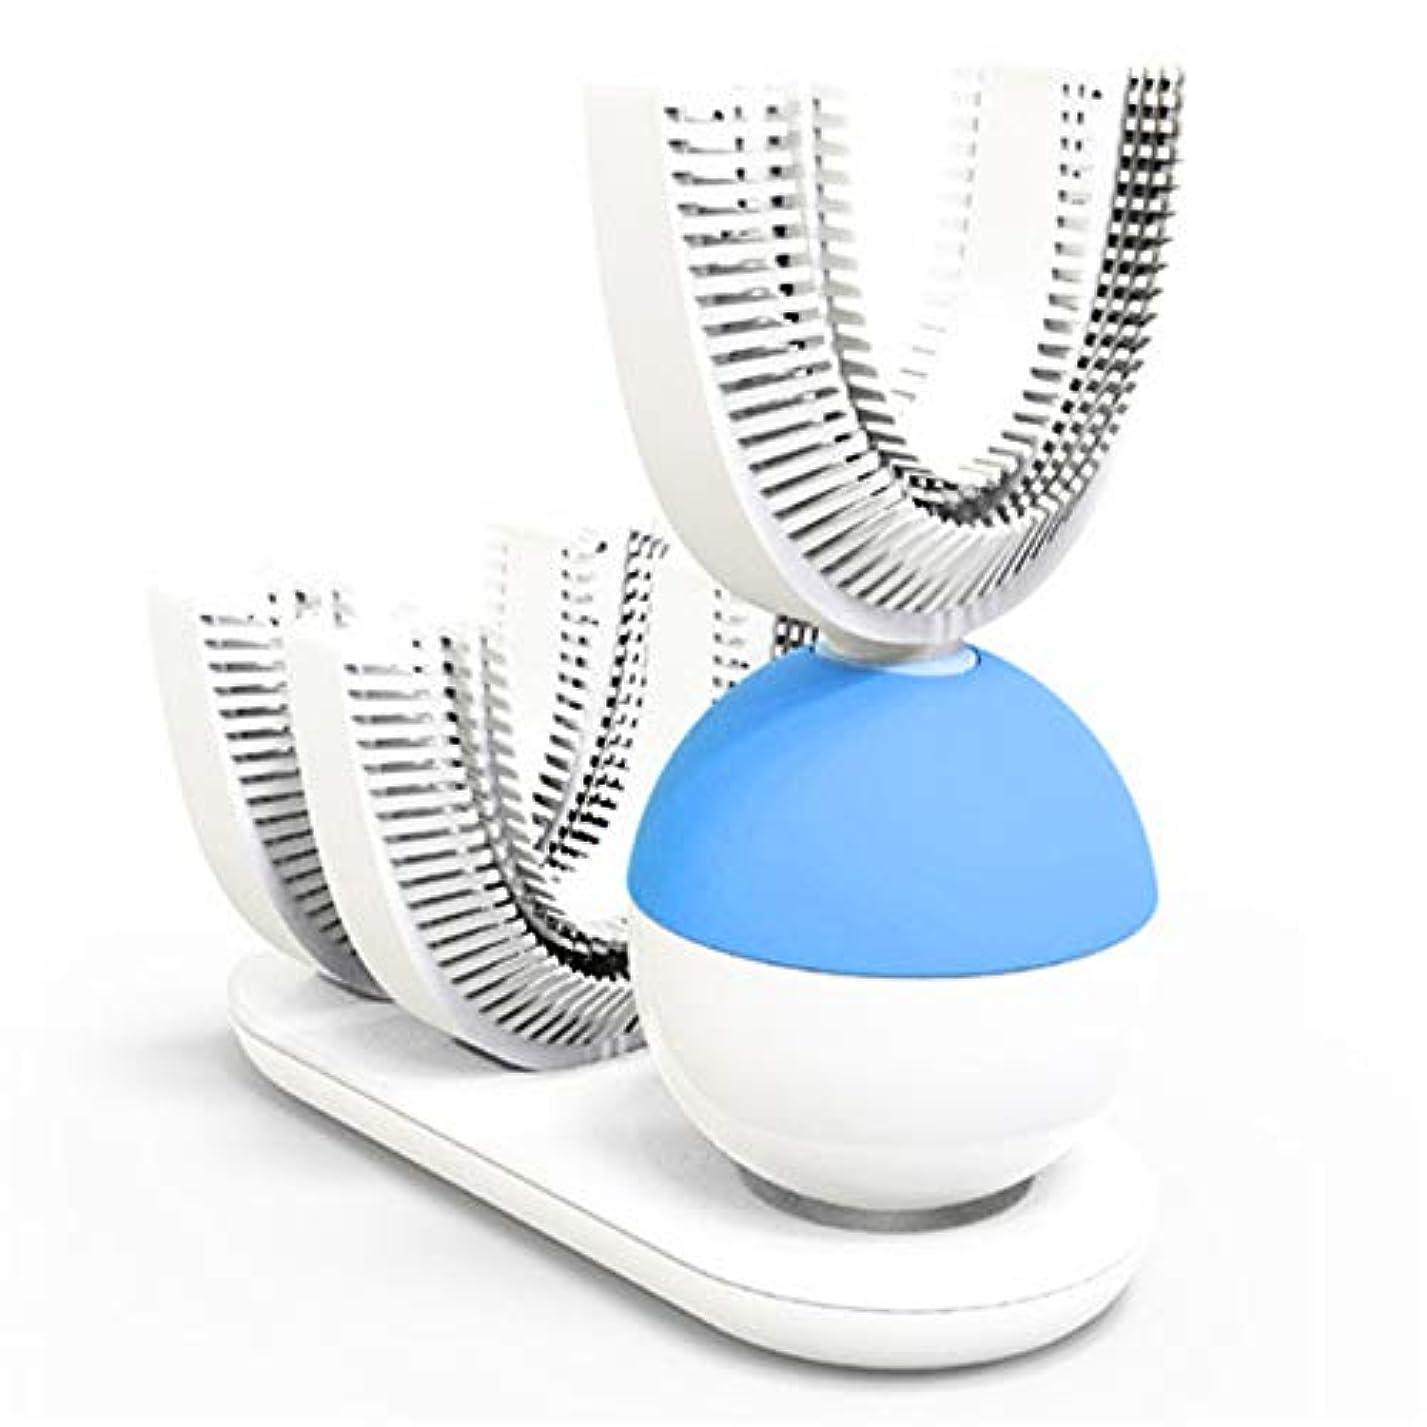 うなり声飼いならす手がかり電動歯ブラシ 自動歯ブラシ U型 360°全方位 超音波 怠け者歯ブラシ ワイヤレス充電 口腔洗浄器 歯ブラシヘッド付き